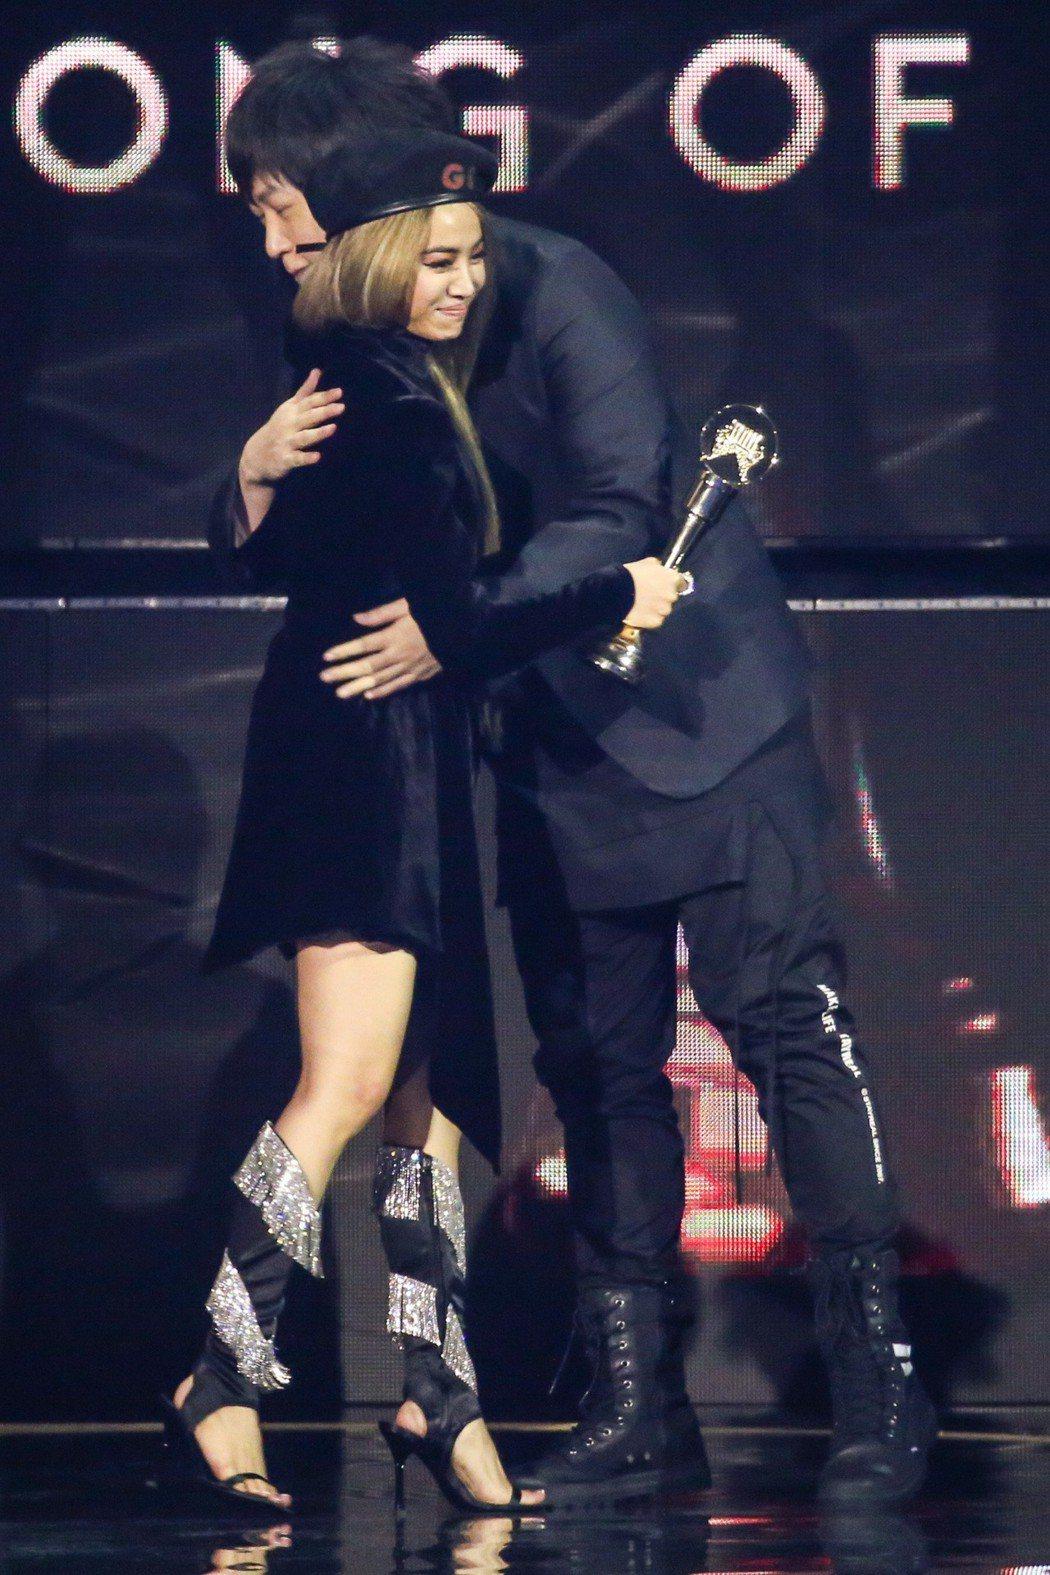 第30屆金曲獎,年度歌曲獎由蔡依林(左)以「玫瑰少年」獲得,與頒獎人「緋聞網友」...